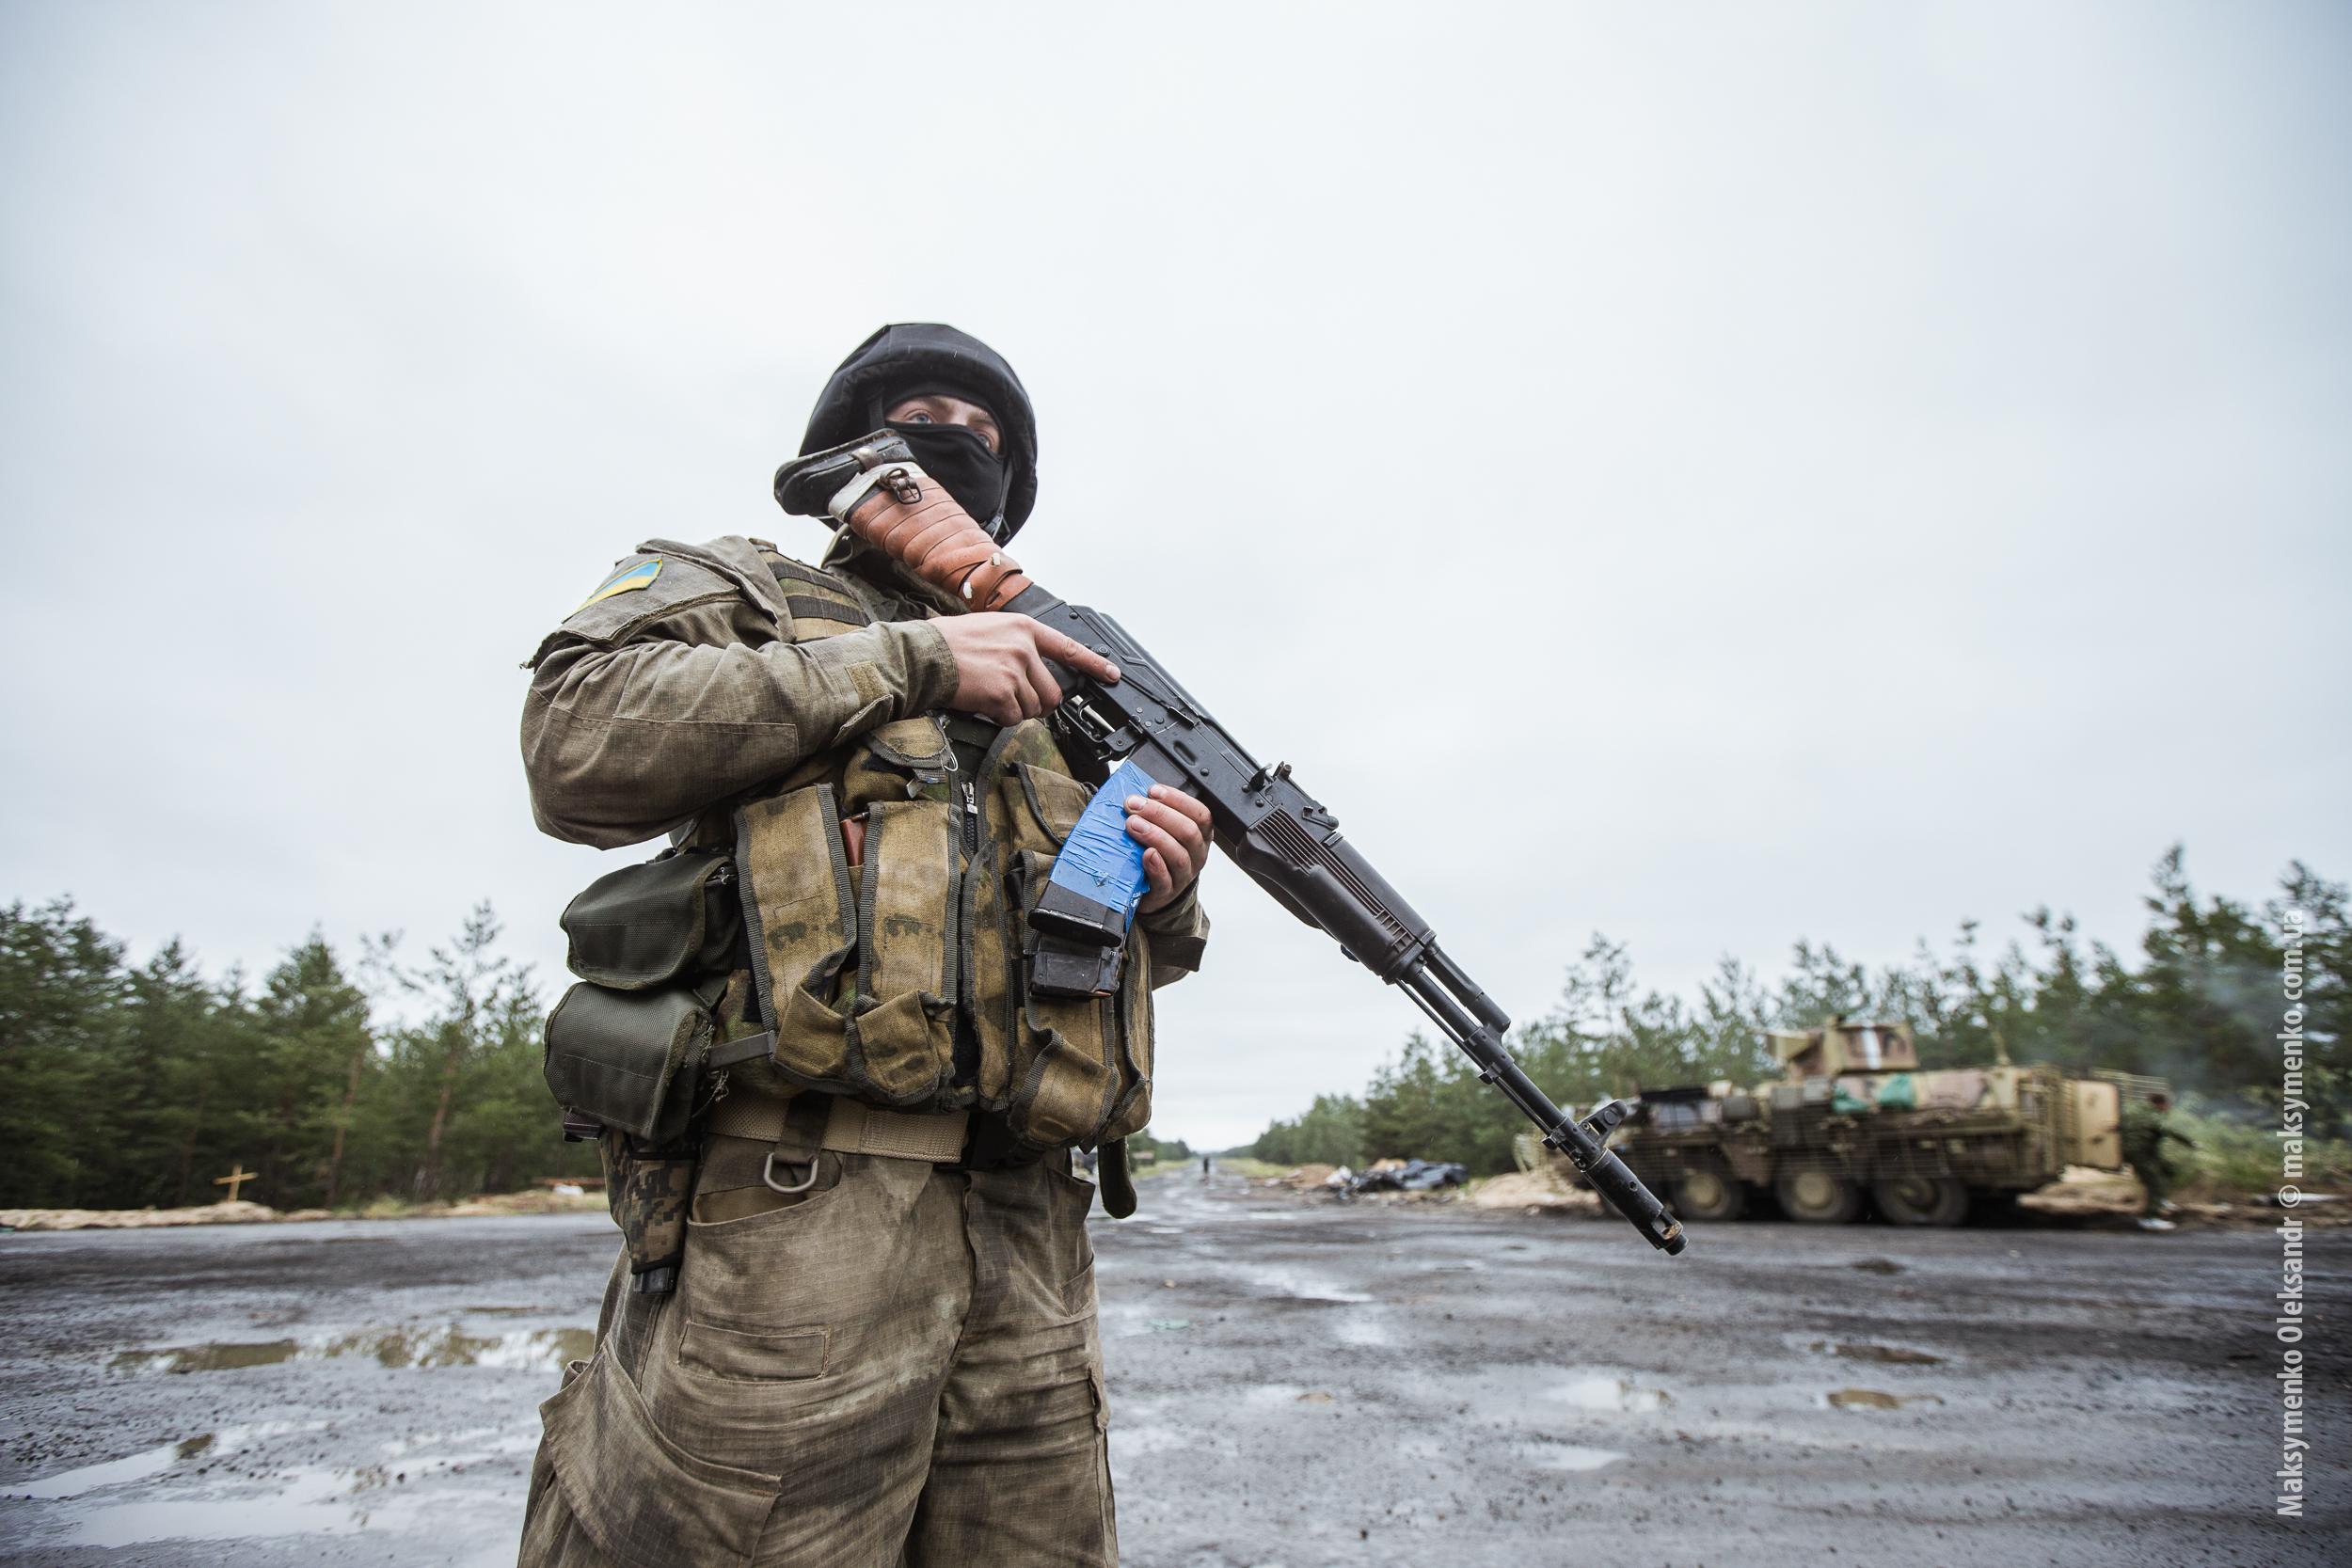 L'armée ukrainienne coupe une route vers Sloviansk - Crédits Sasha Maksymenko